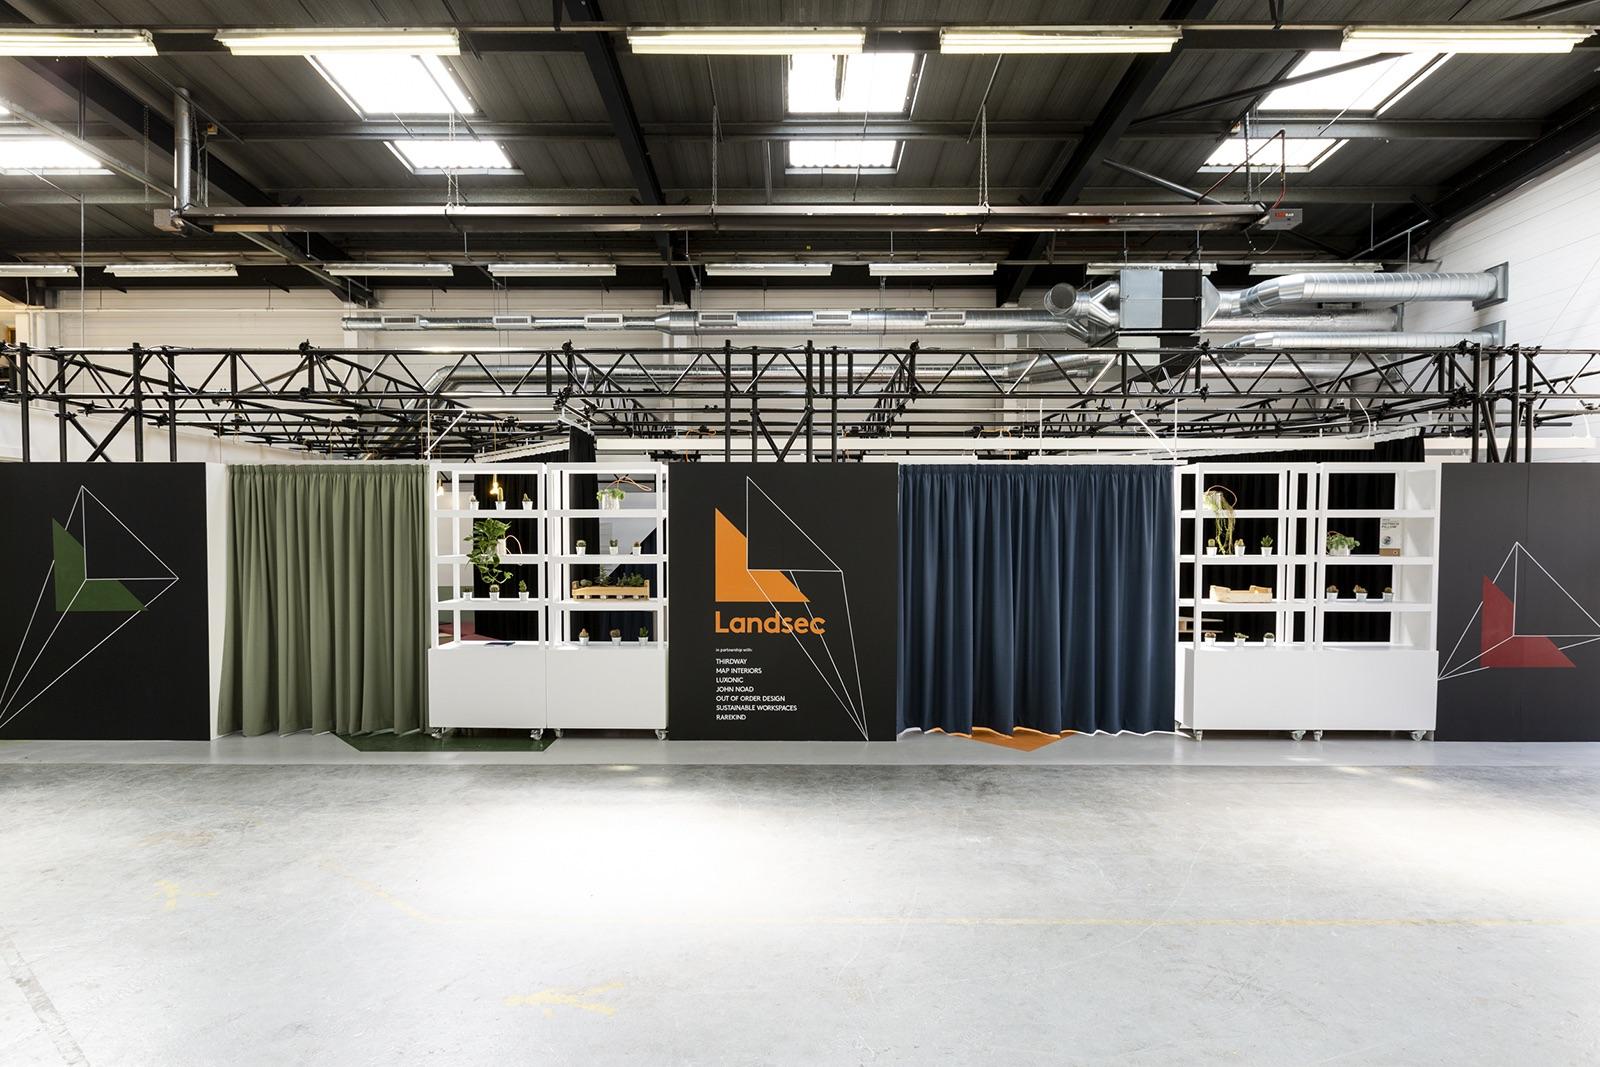 landsec-office-1